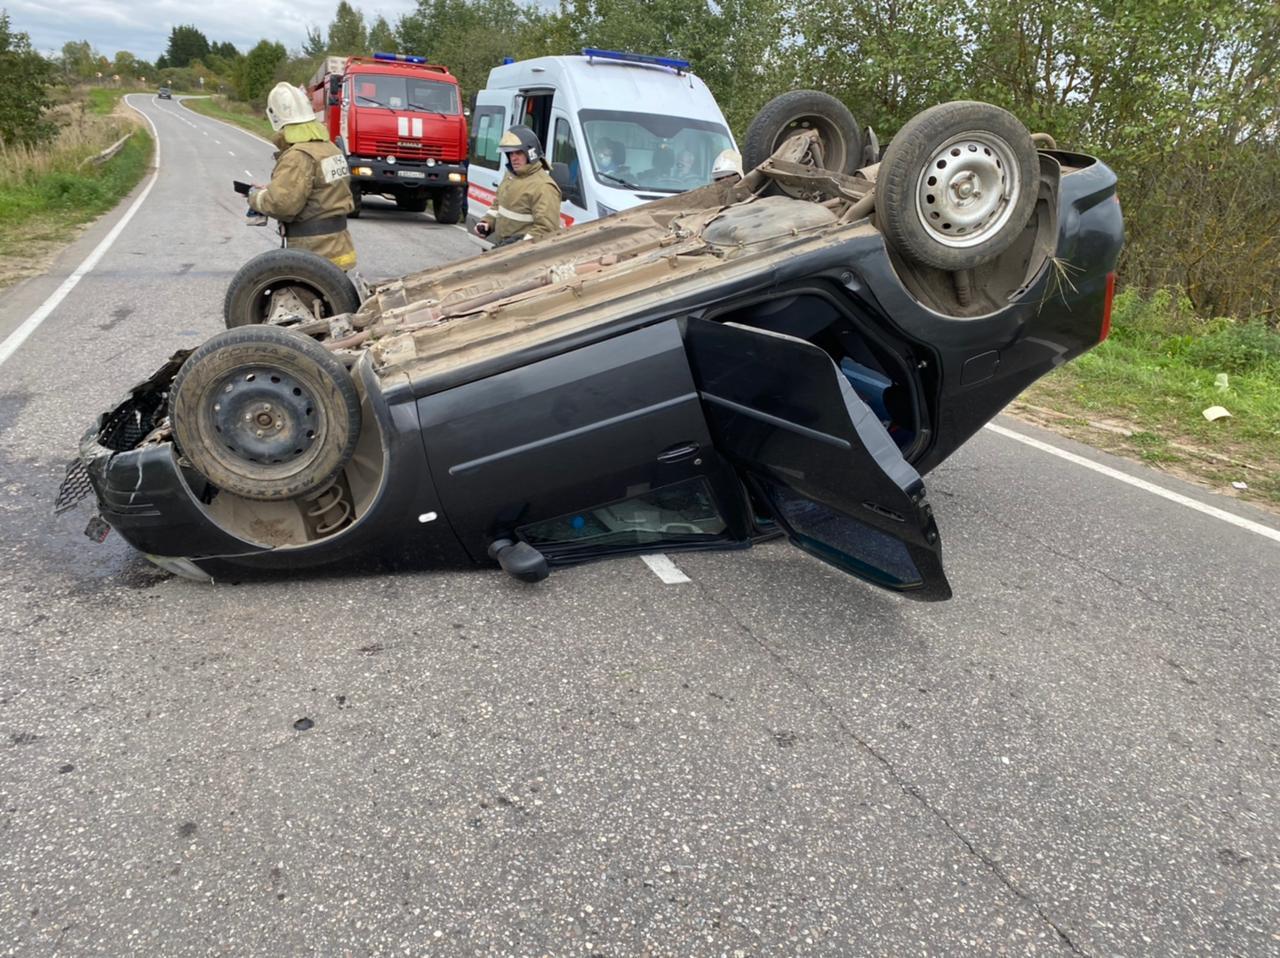 Пьяный водитель перевернул легковушку на дороге в Тверской области, пострадали два человека